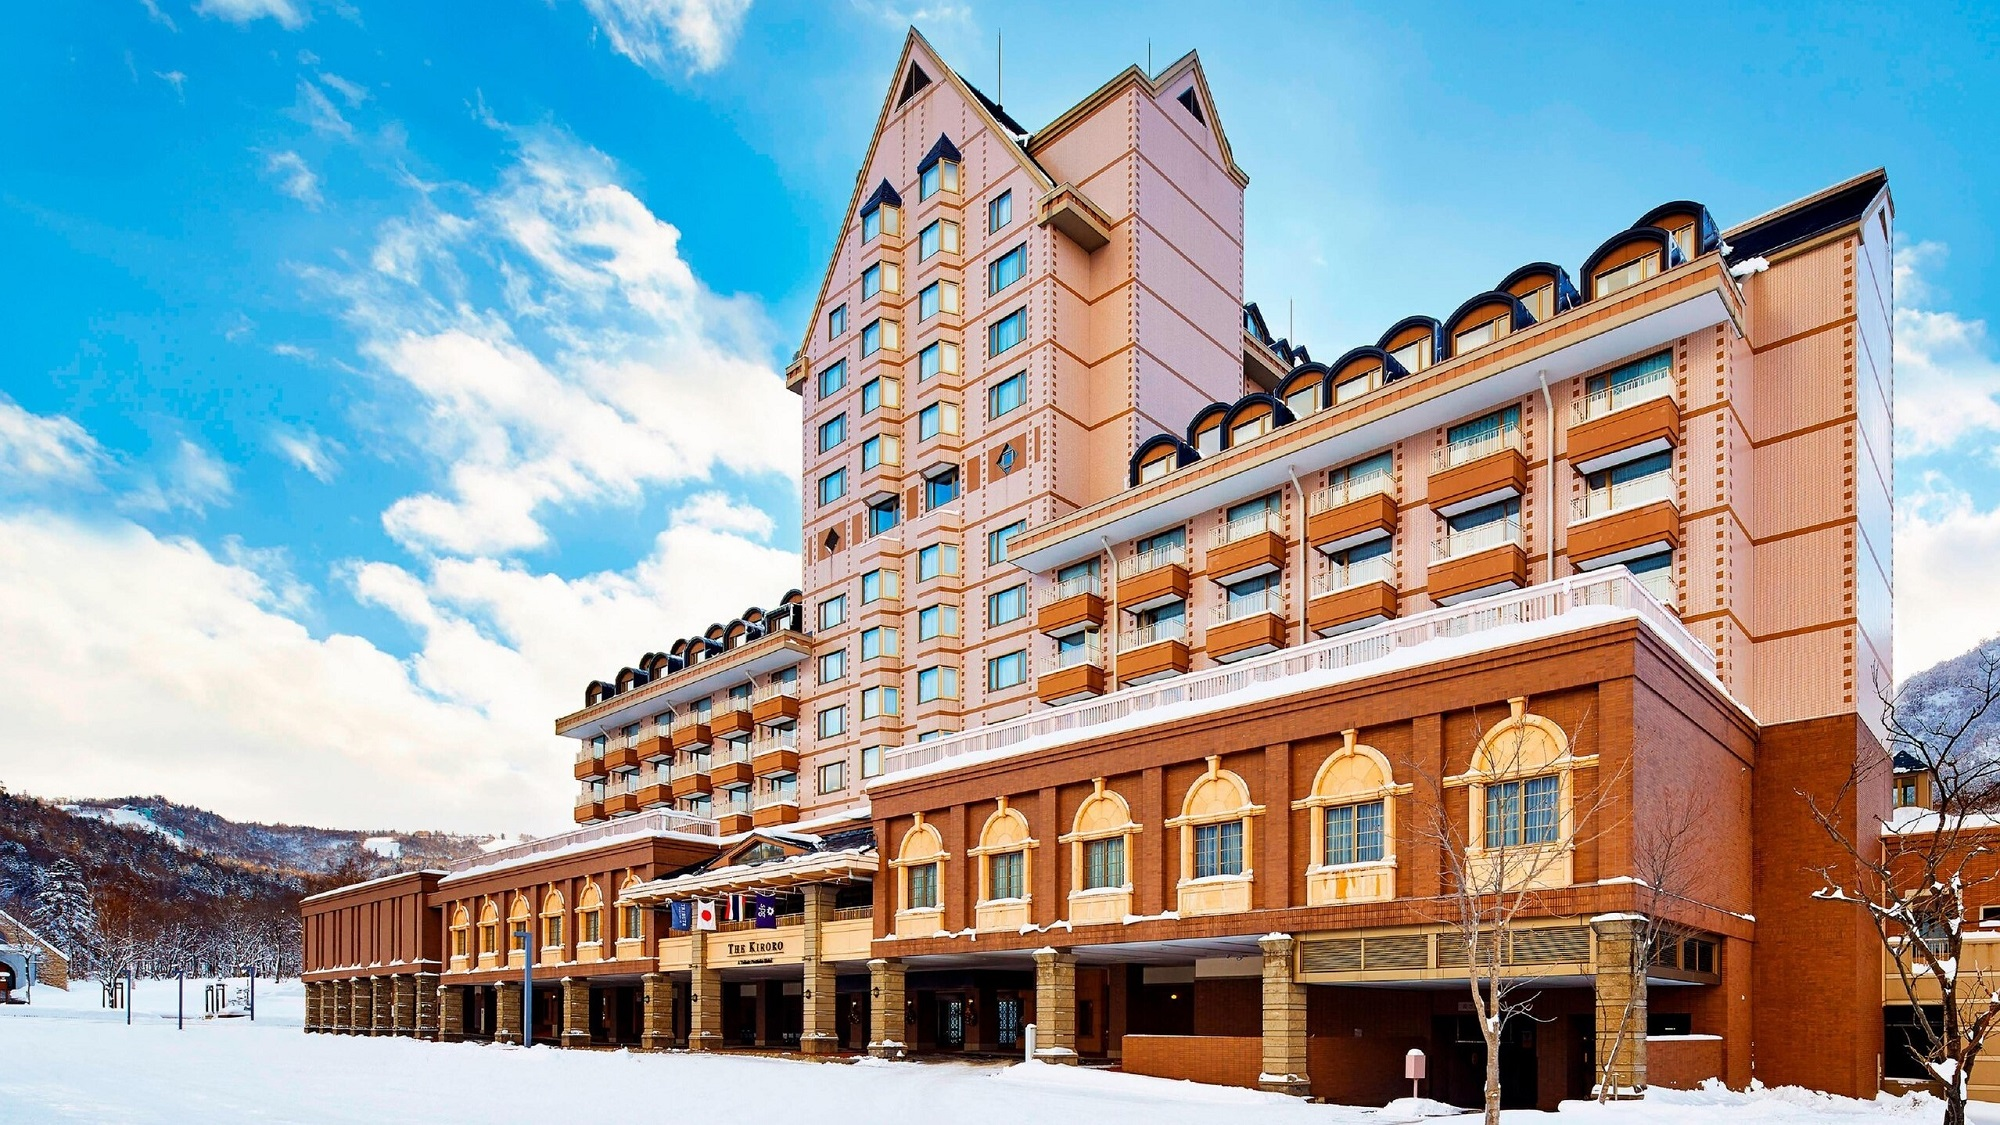 キロロ トリビュートポートフォリオホテル 北海道...